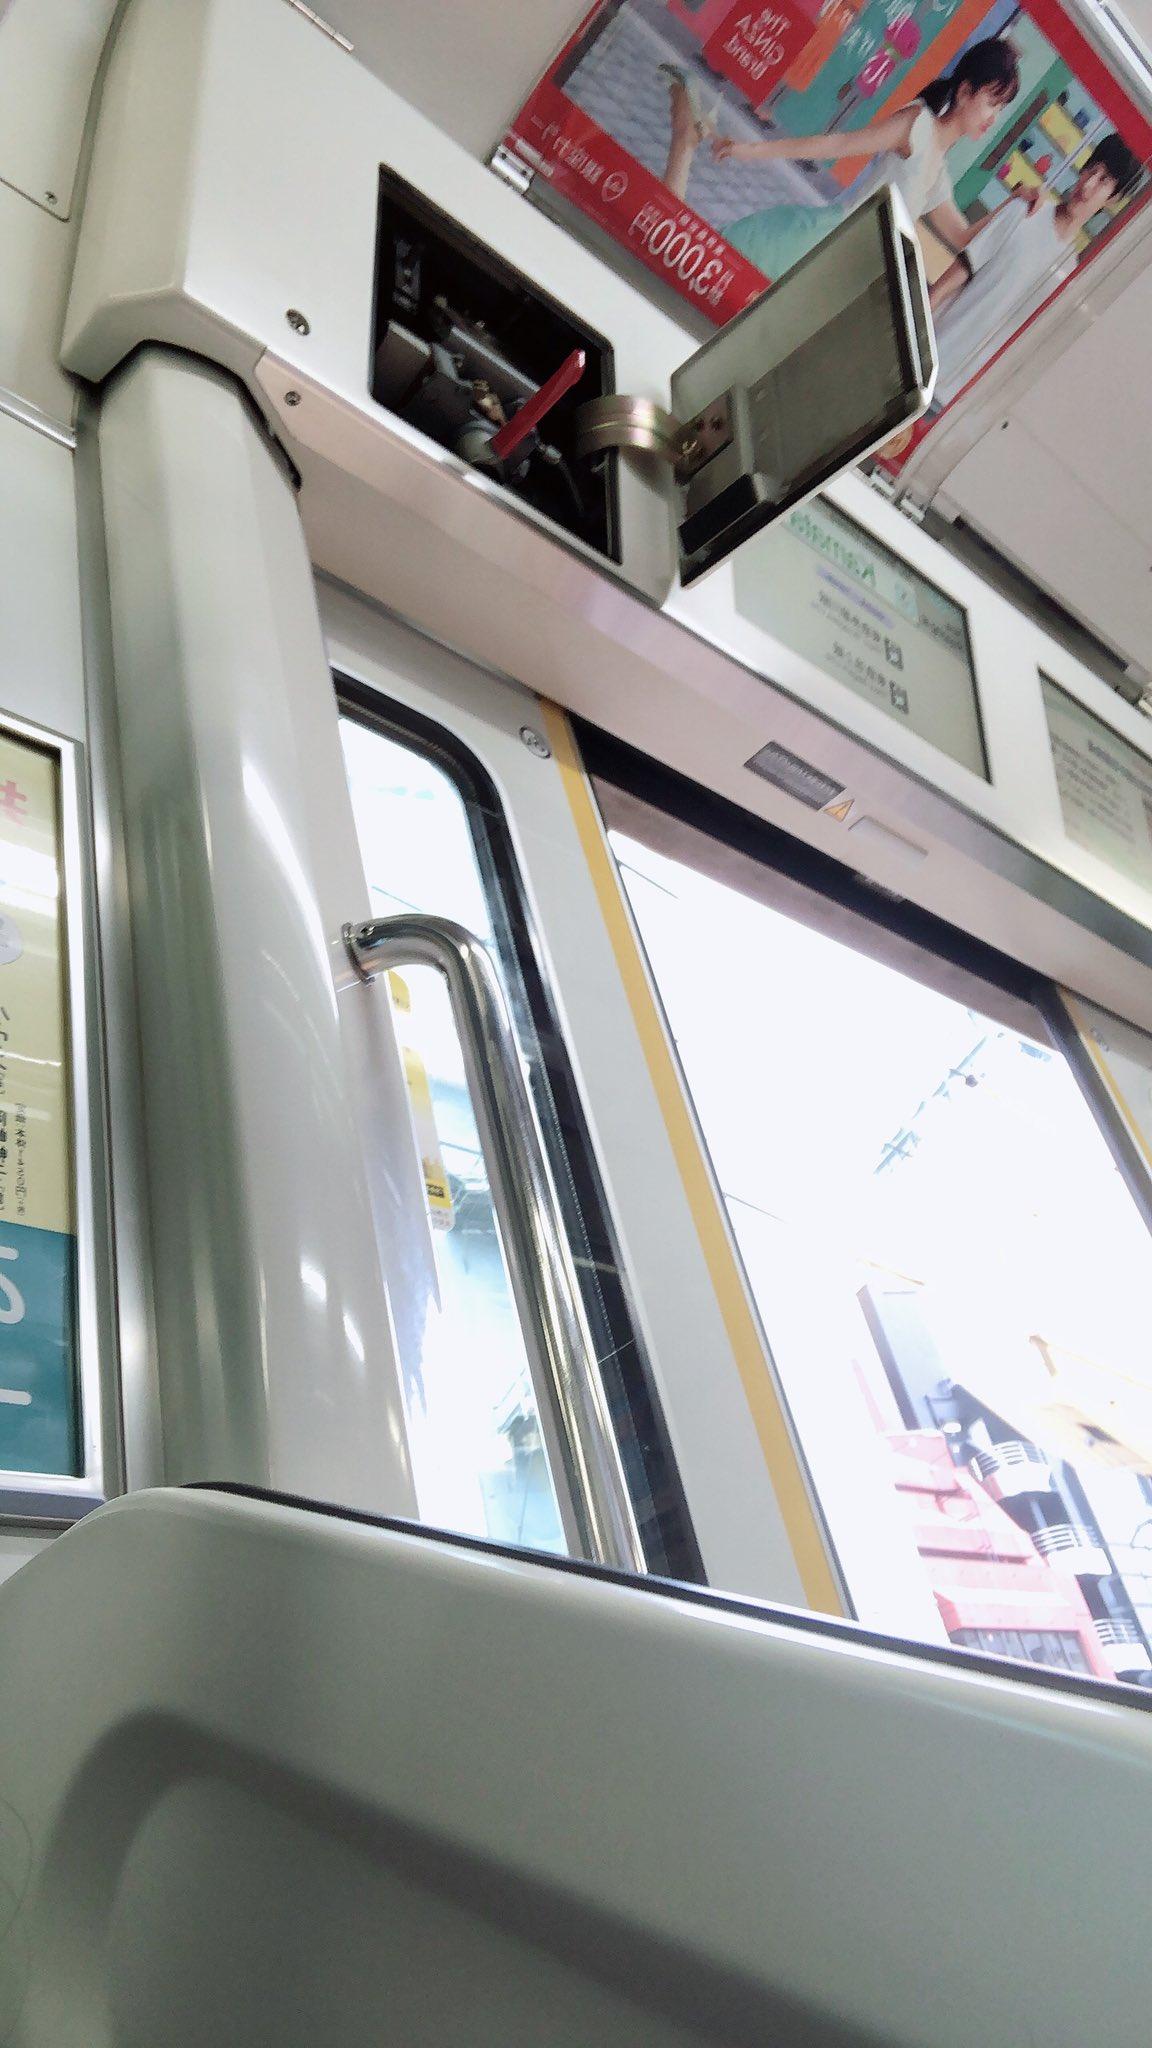 【非常用ドアコックで無断で線路へ降りる】「もう無理だ」京浜東北線の車内で何があったのか